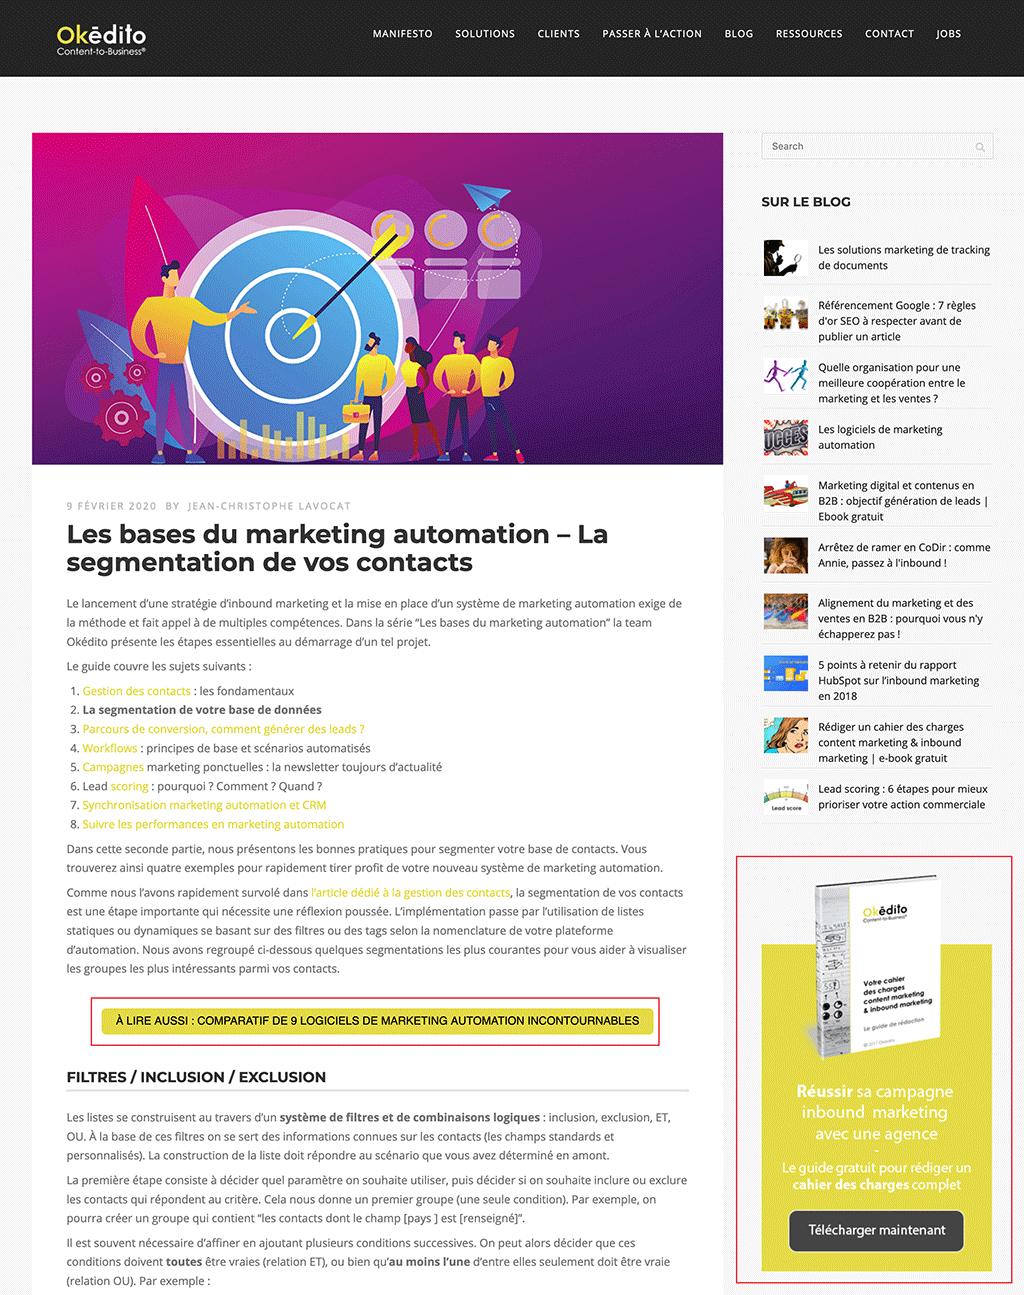 Exemples de calls-to-action dans un article de blog et en sidebar